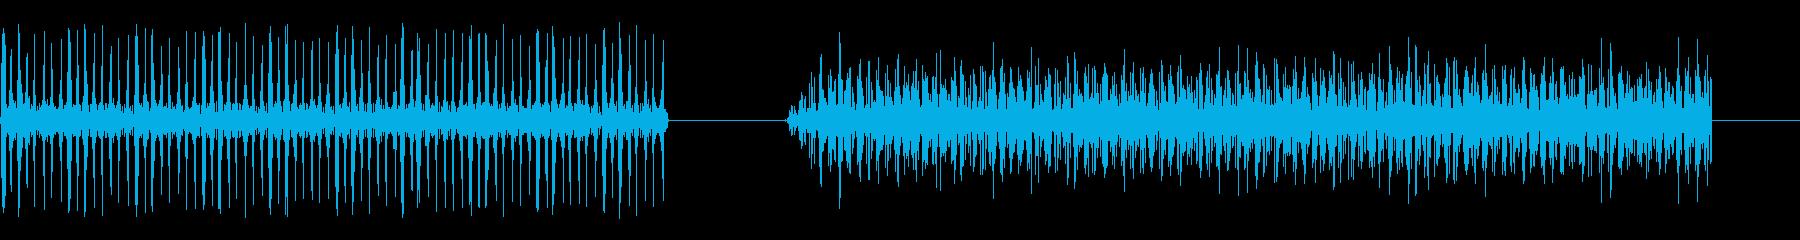 漫画-機械-2バージョンの再生済みの波形